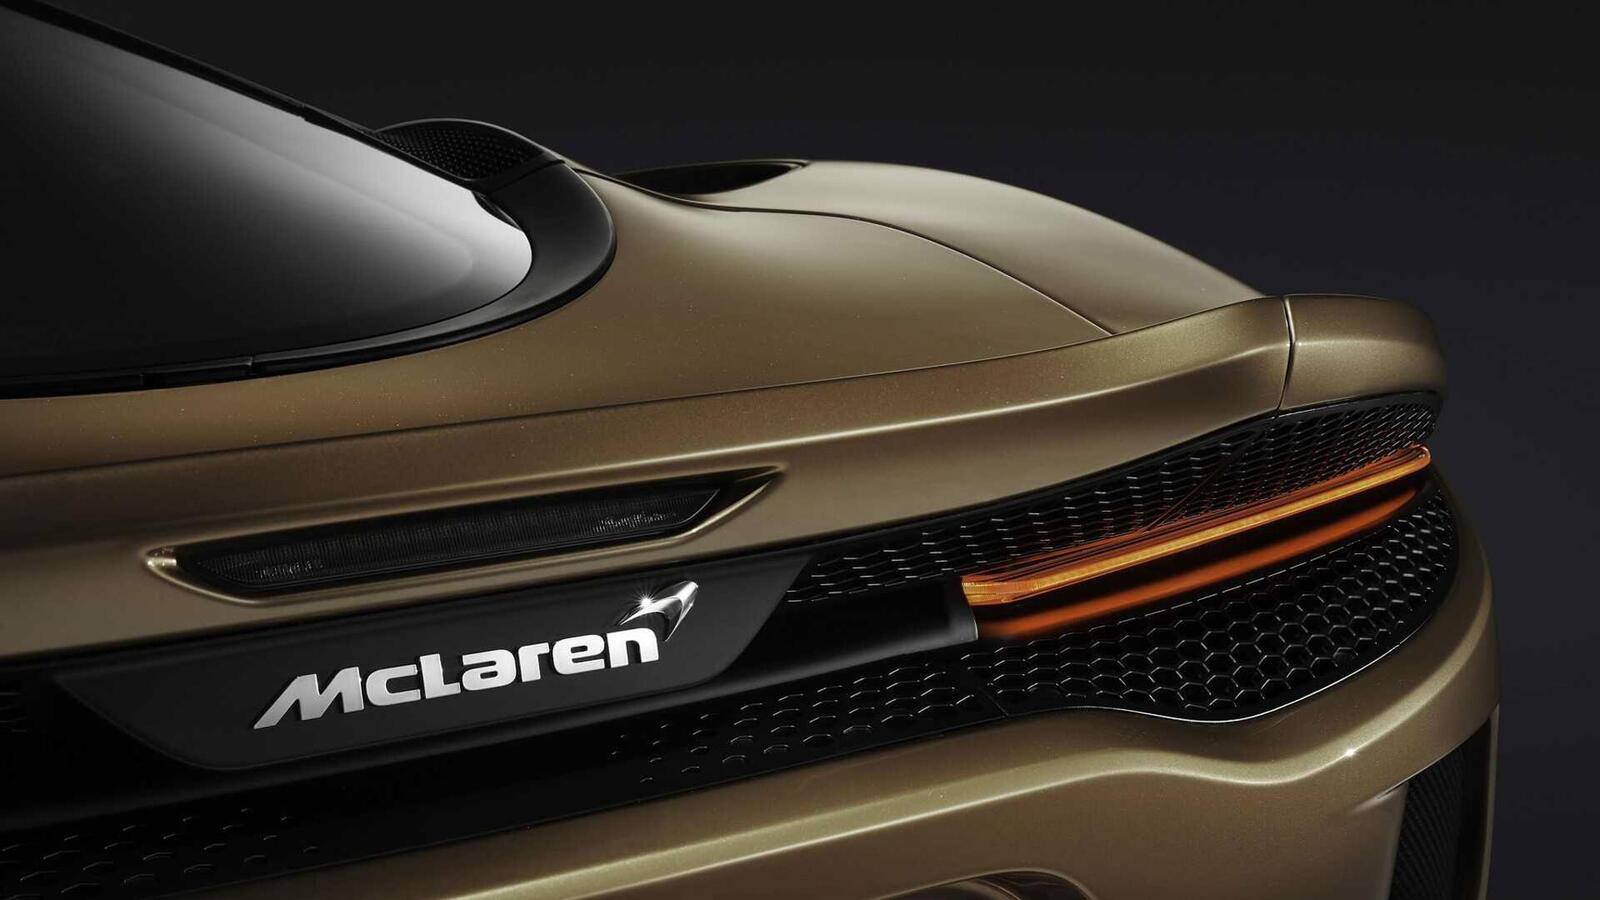 McLaren giới thiệu siêu xe GT 2020 hoàn toàn mới: Động cơ mạnh mẽ và cabin thoải mái - Hình 29